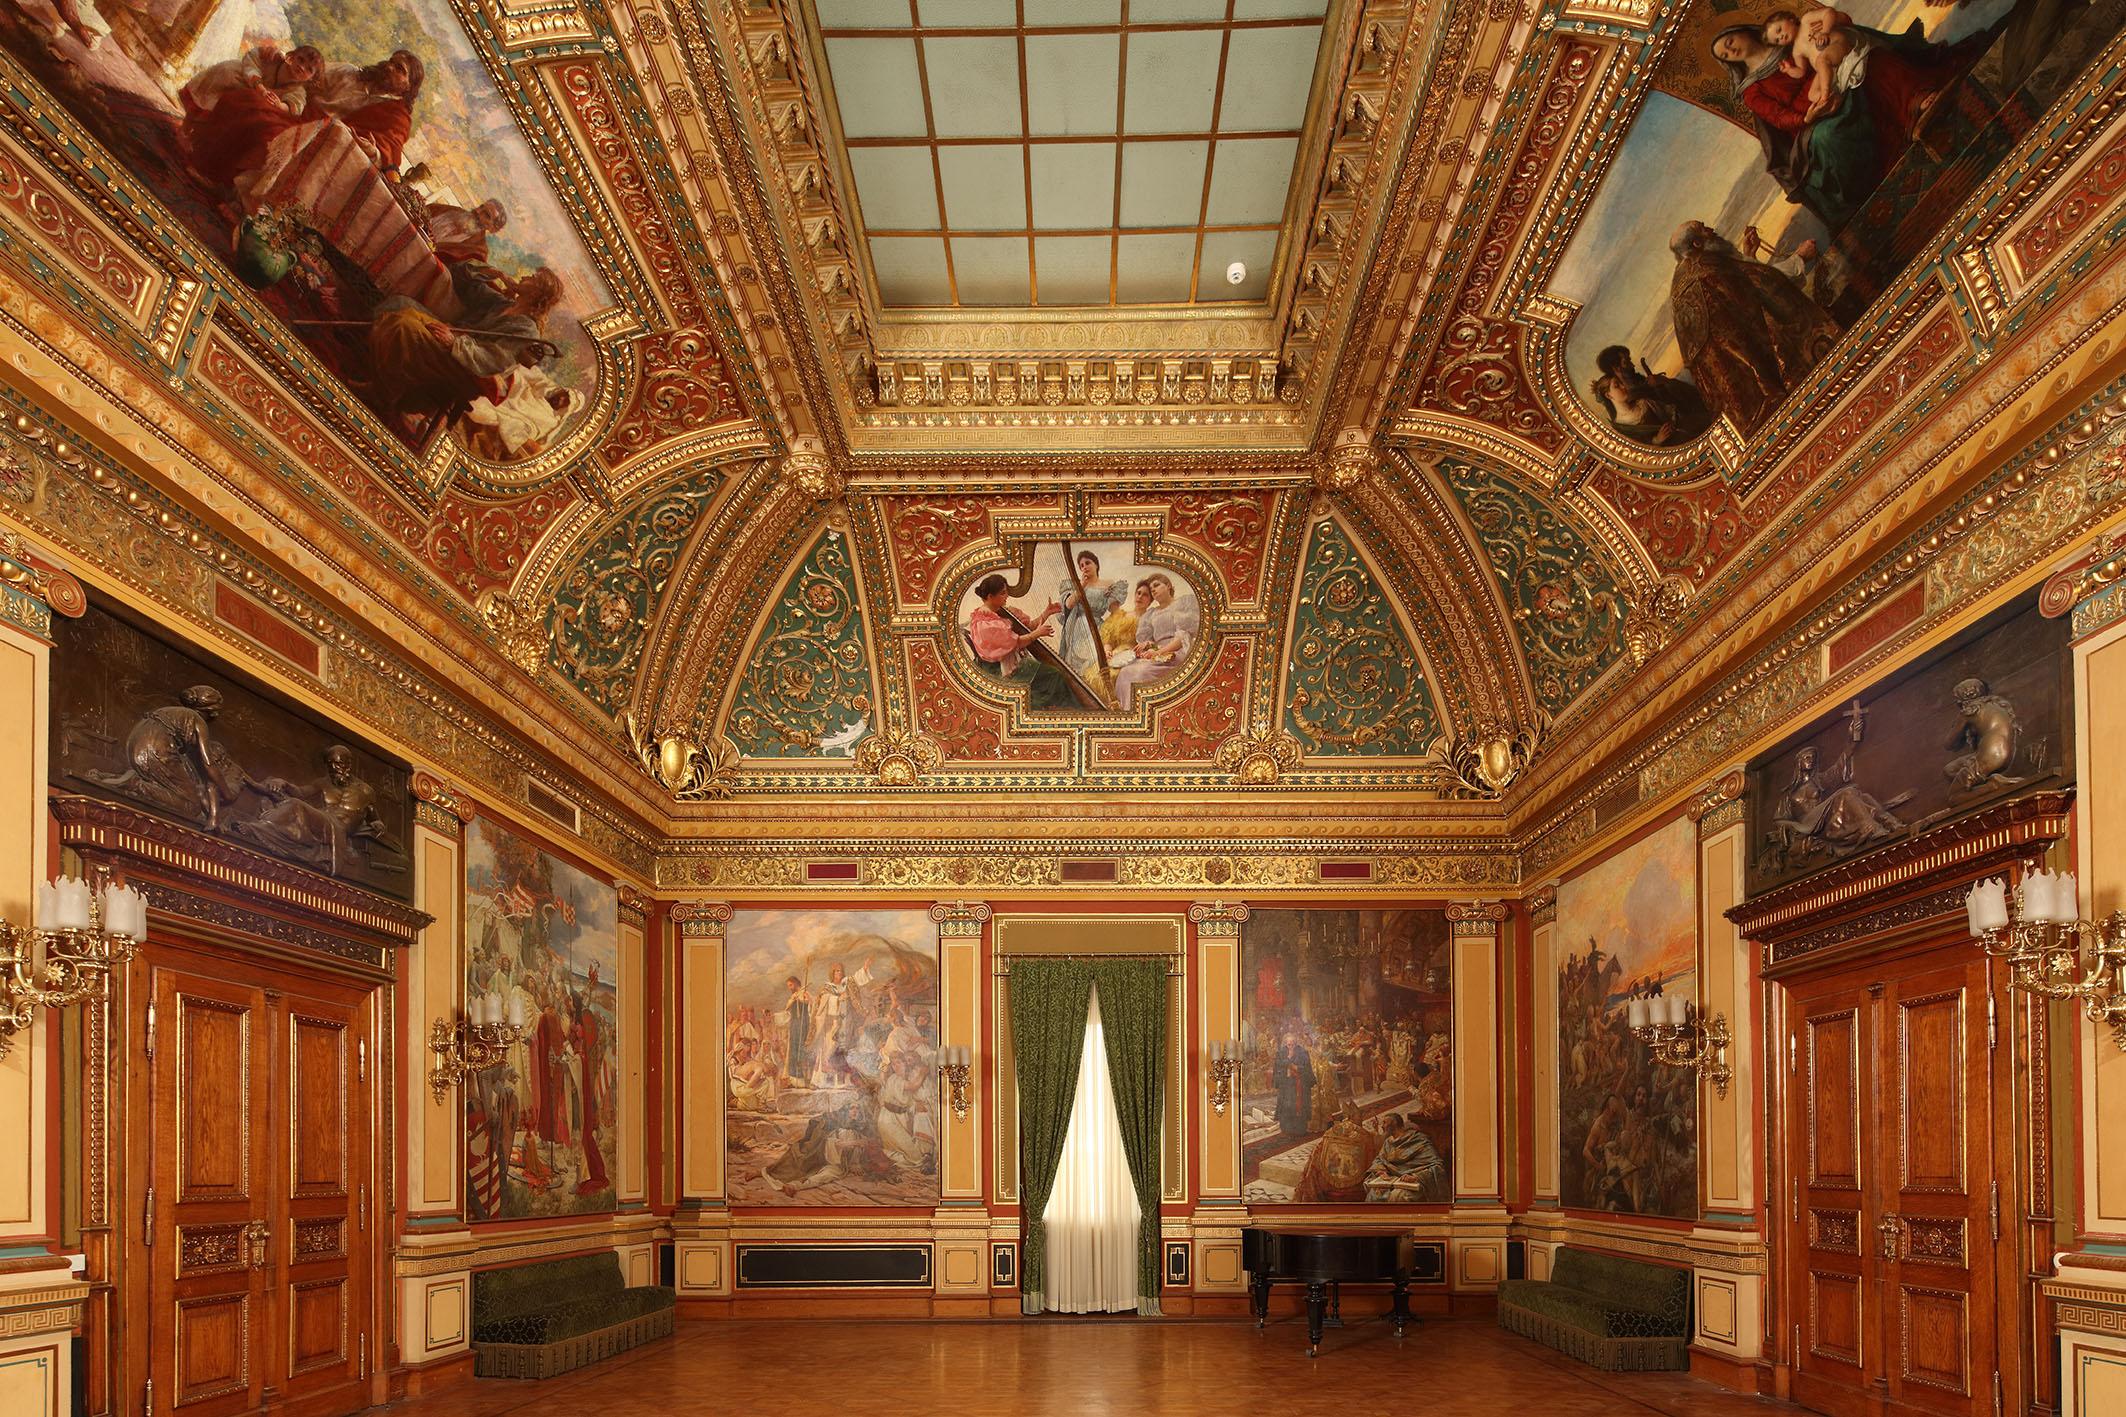 Izložba 'Povijest i umjetnost na zidovima Palače u Opatičkoj 10 u Zagrebu' u Klovićevim dvorima